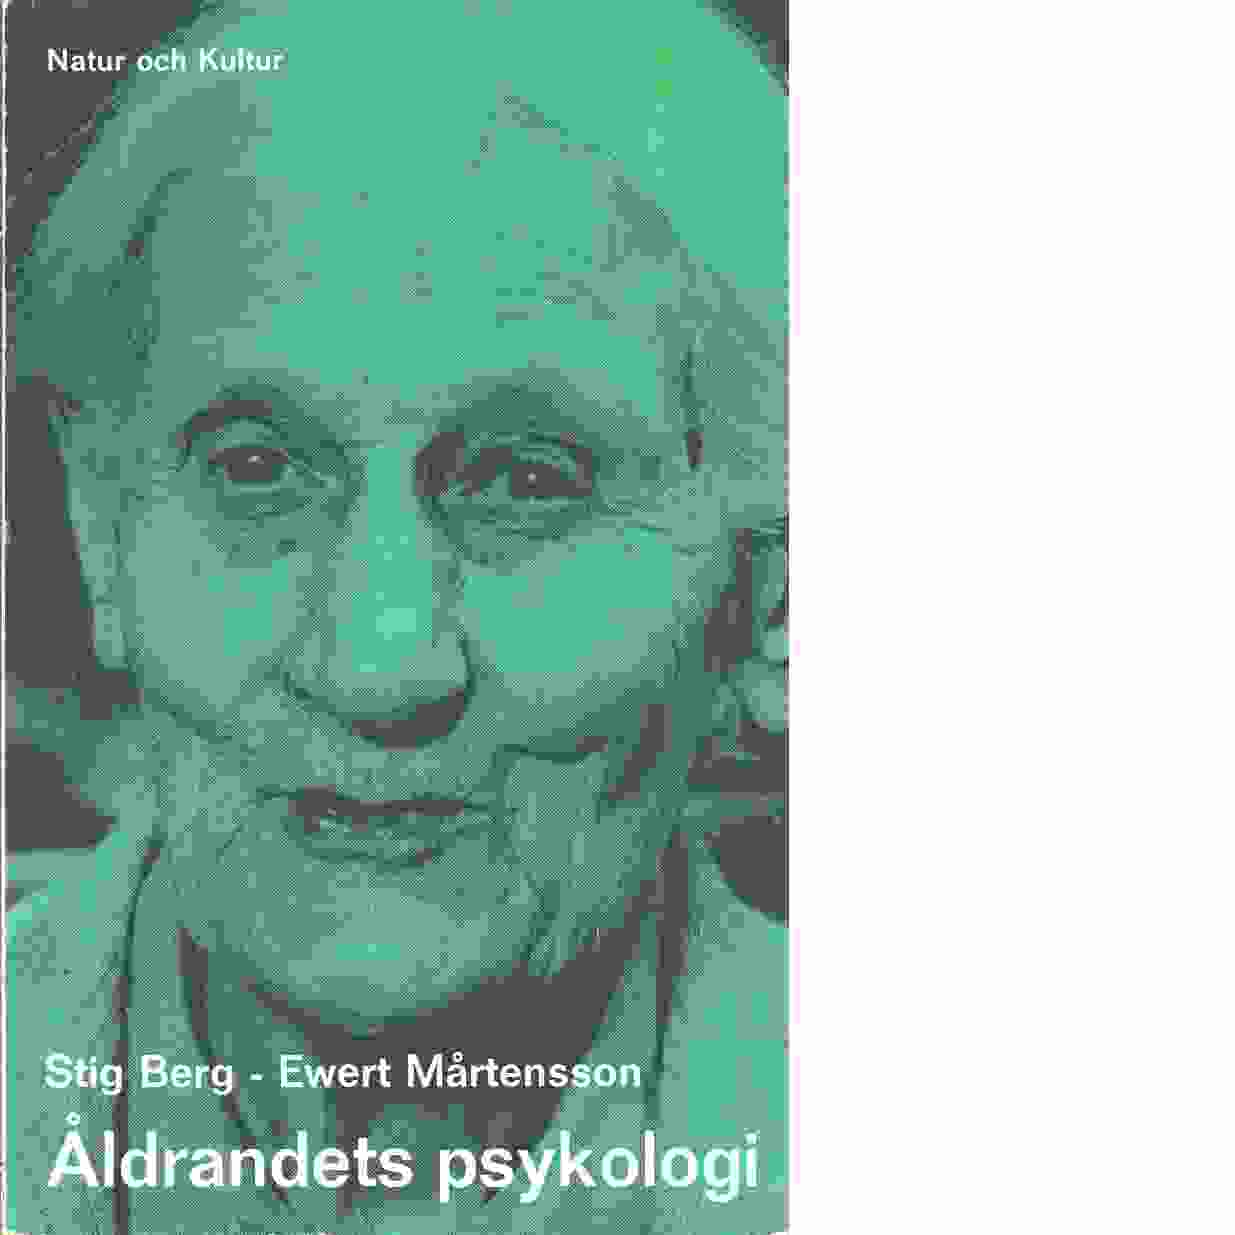 Åldrandets psykologi - Berg, Stig och Mårtensson, Ewert